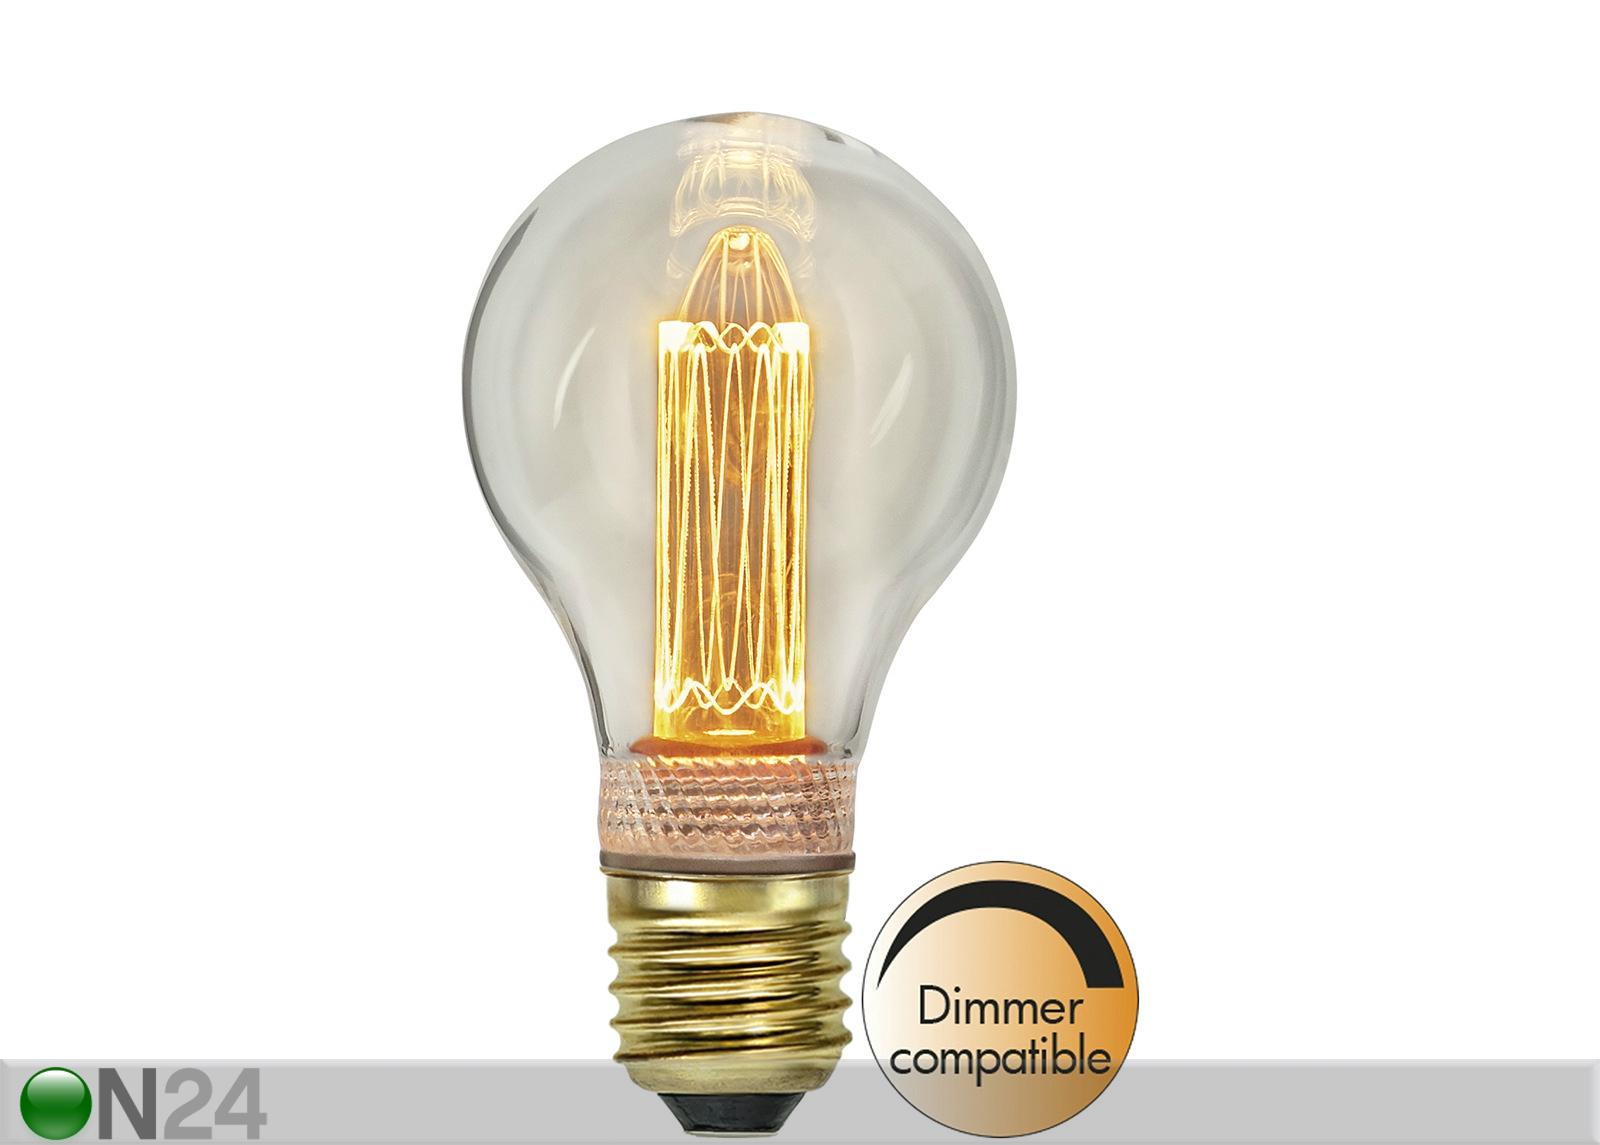 7feeb9d80a5 Dekoratiivne LED pirn E27 2,3 W AA-142558 - ON24 Sisustuskaubamaja